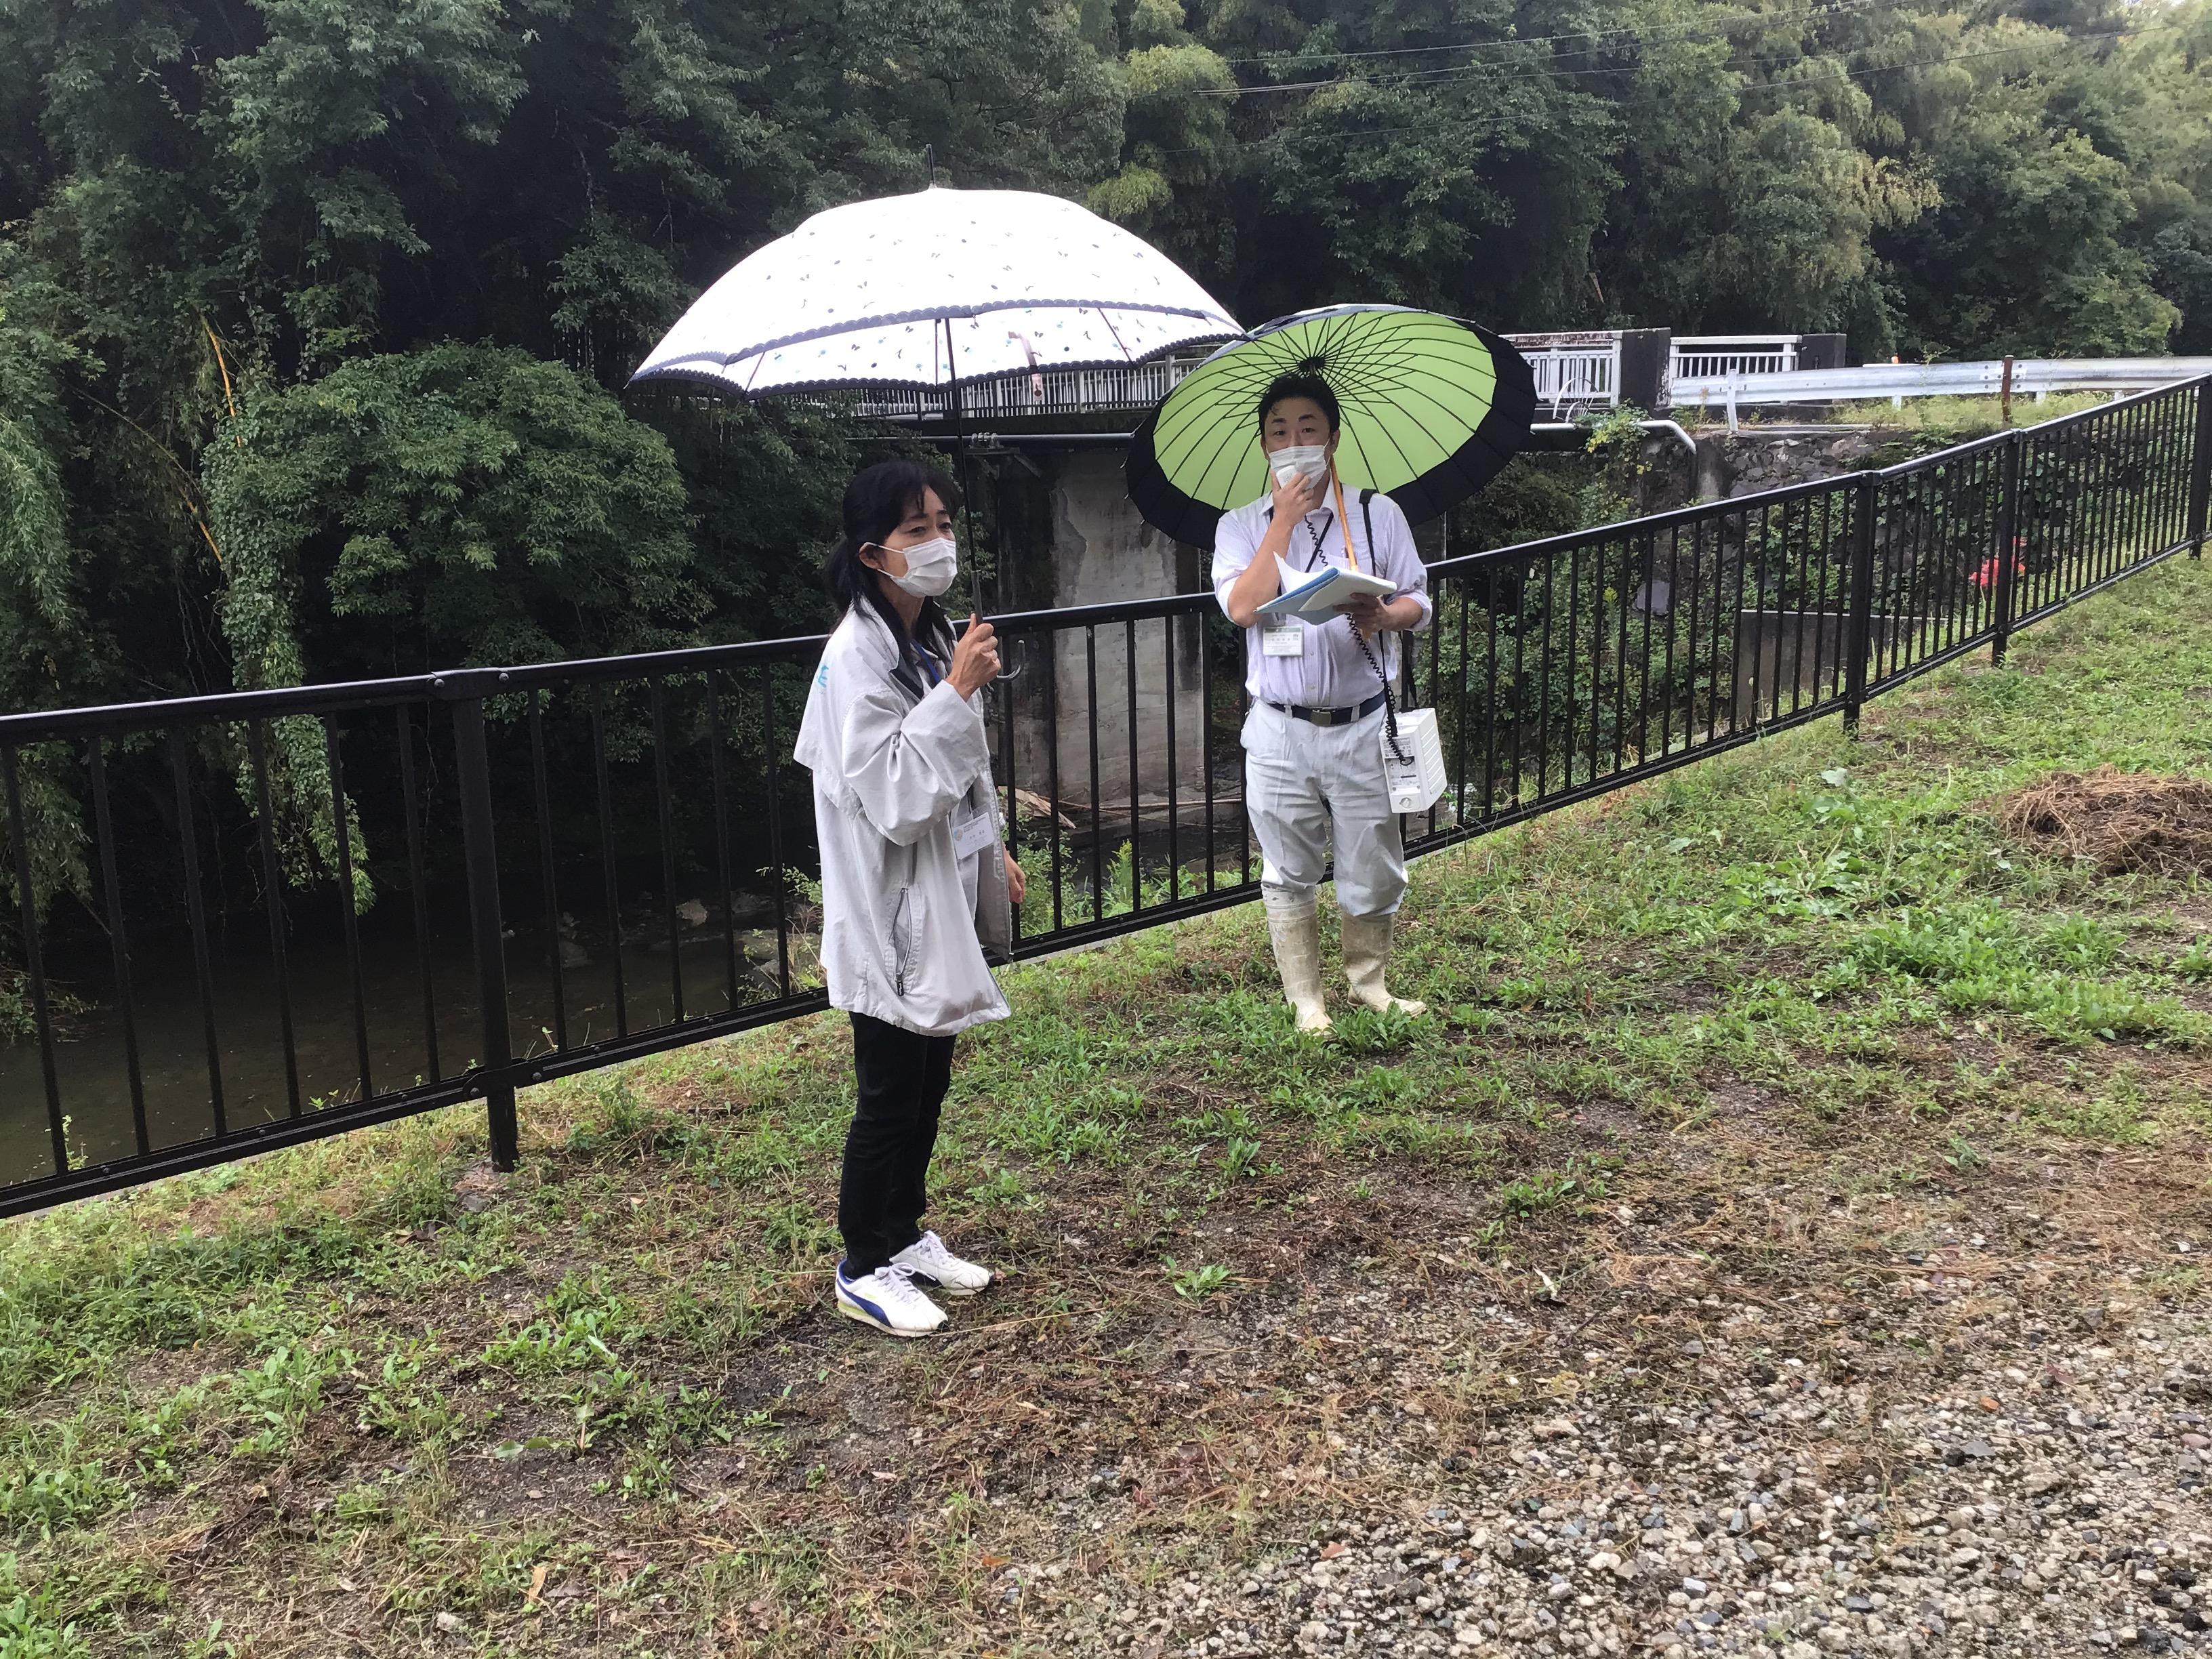 説明をされた東播用水土地改良区の木村さん(右側)とスタッフの兵庫県加古川流域土地改良事務所の木村さん(左側)